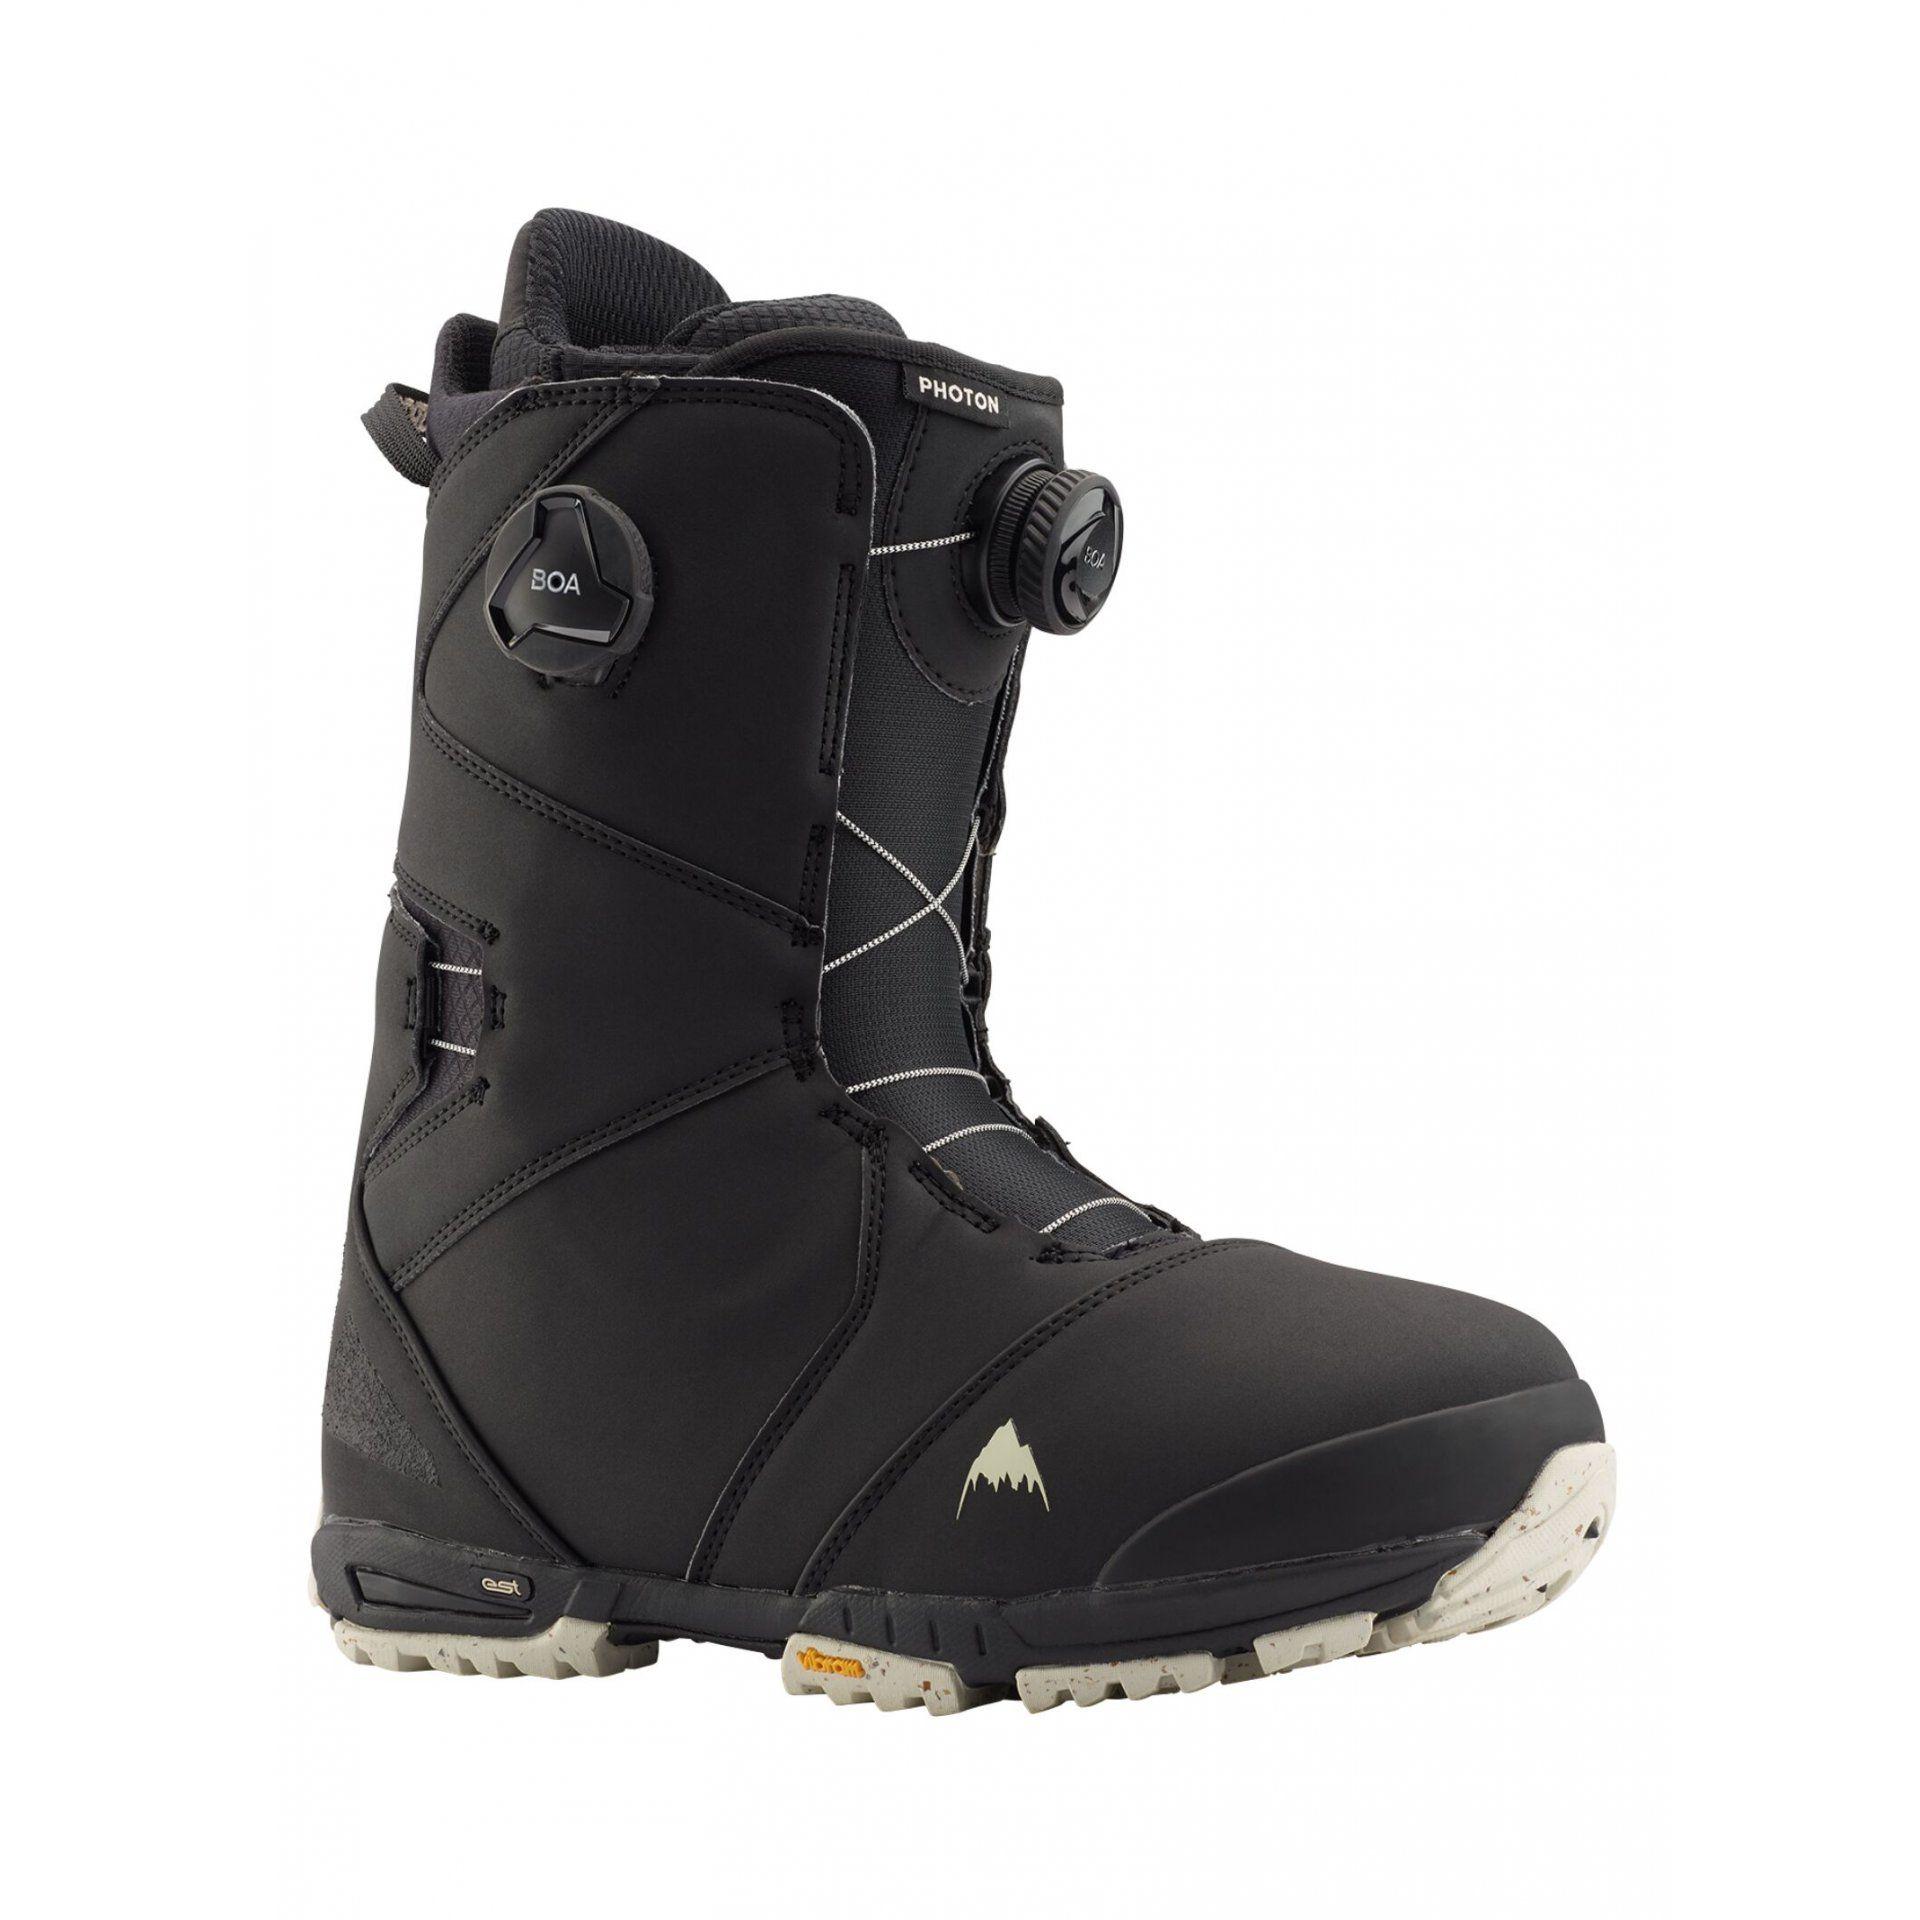 BUTY SNOWBOARDOWE BURTON PHOTON BOA 150861-001 BLACK 1